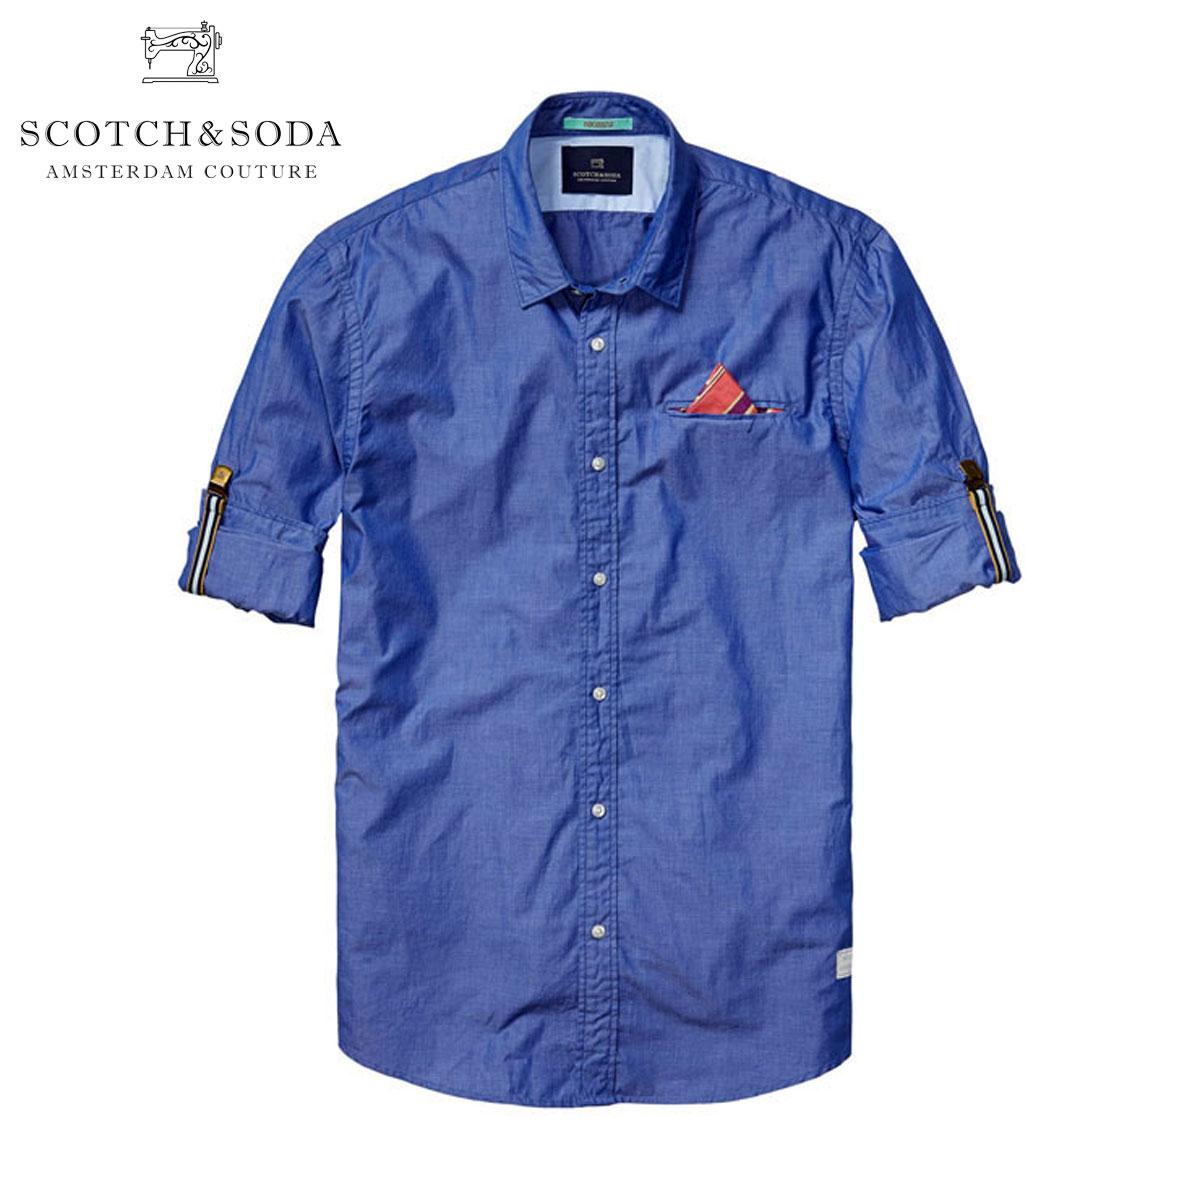 スコッチアンドソーダ SCOTCH&SODA 正規販売店 メンズ 長袖シャツ Longsleeve shirt with fixed pochet. Sold with sleeve suspender 130717 37 D15S25